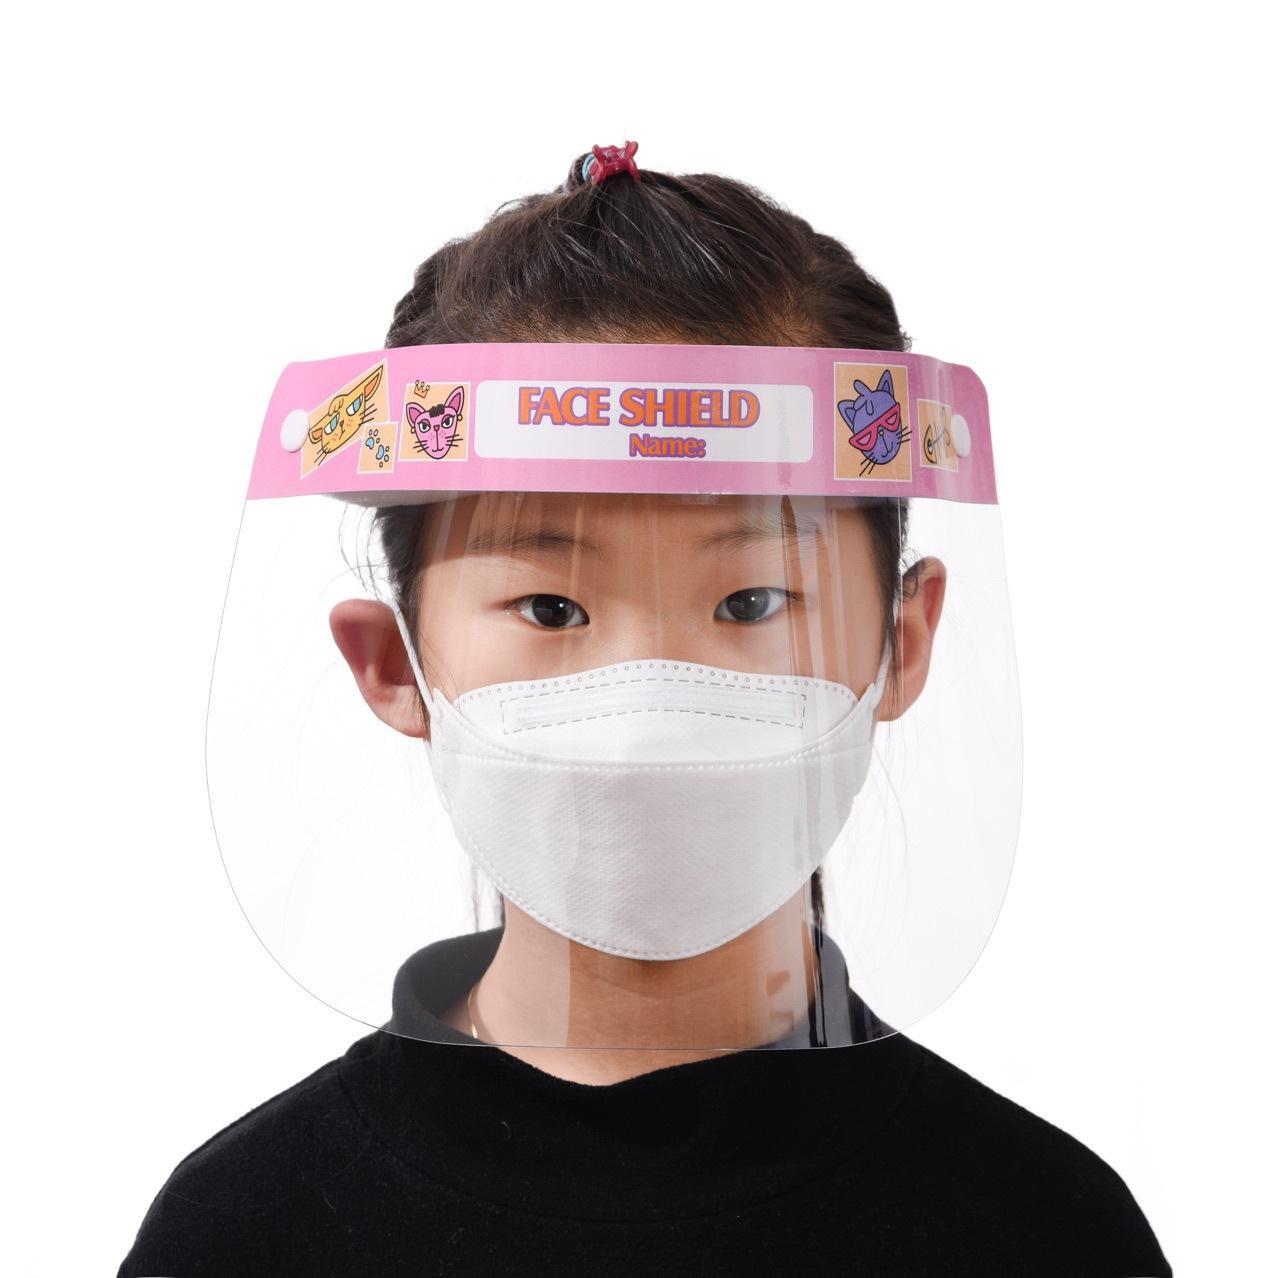 Мультфильм дети детская безопасность Faceshield прозрачный анфас крышка шляпа защитная пленка инструмент анти-туман HD ПЭТ материал лицевой щиток